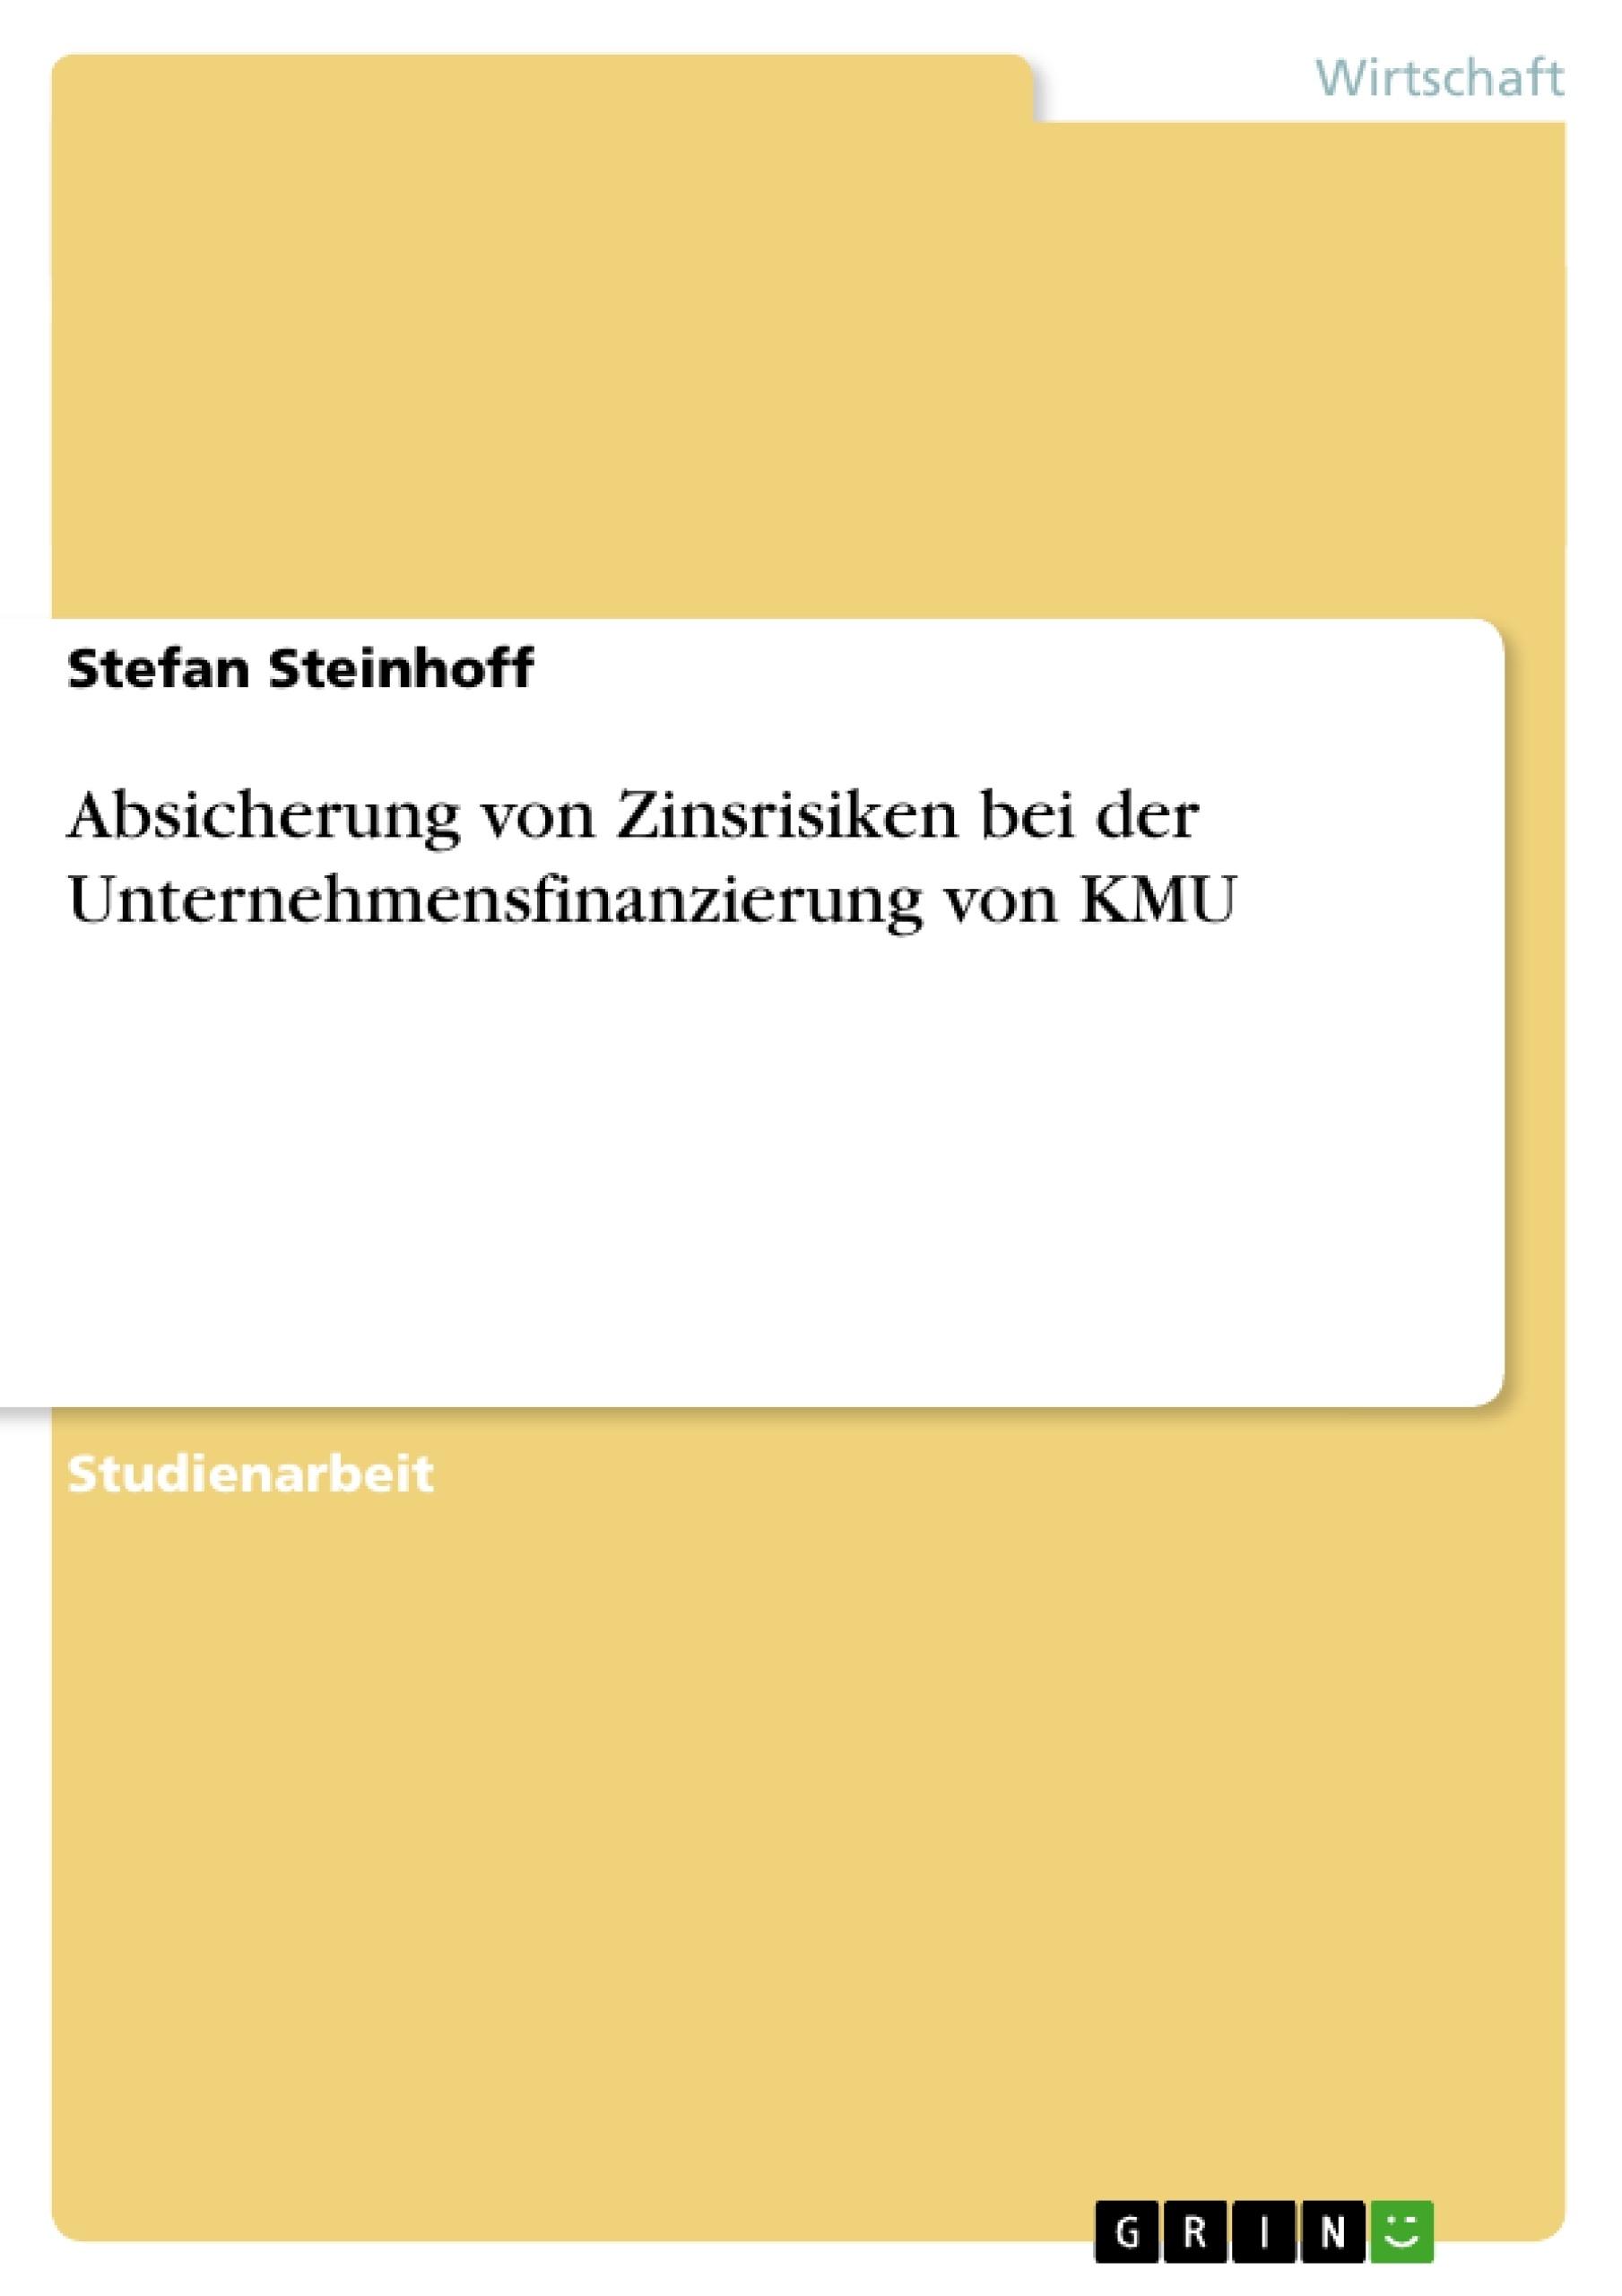 Titel: Absicherung von Zinsrisiken bei der Unternehmensfinanzierung von KMU